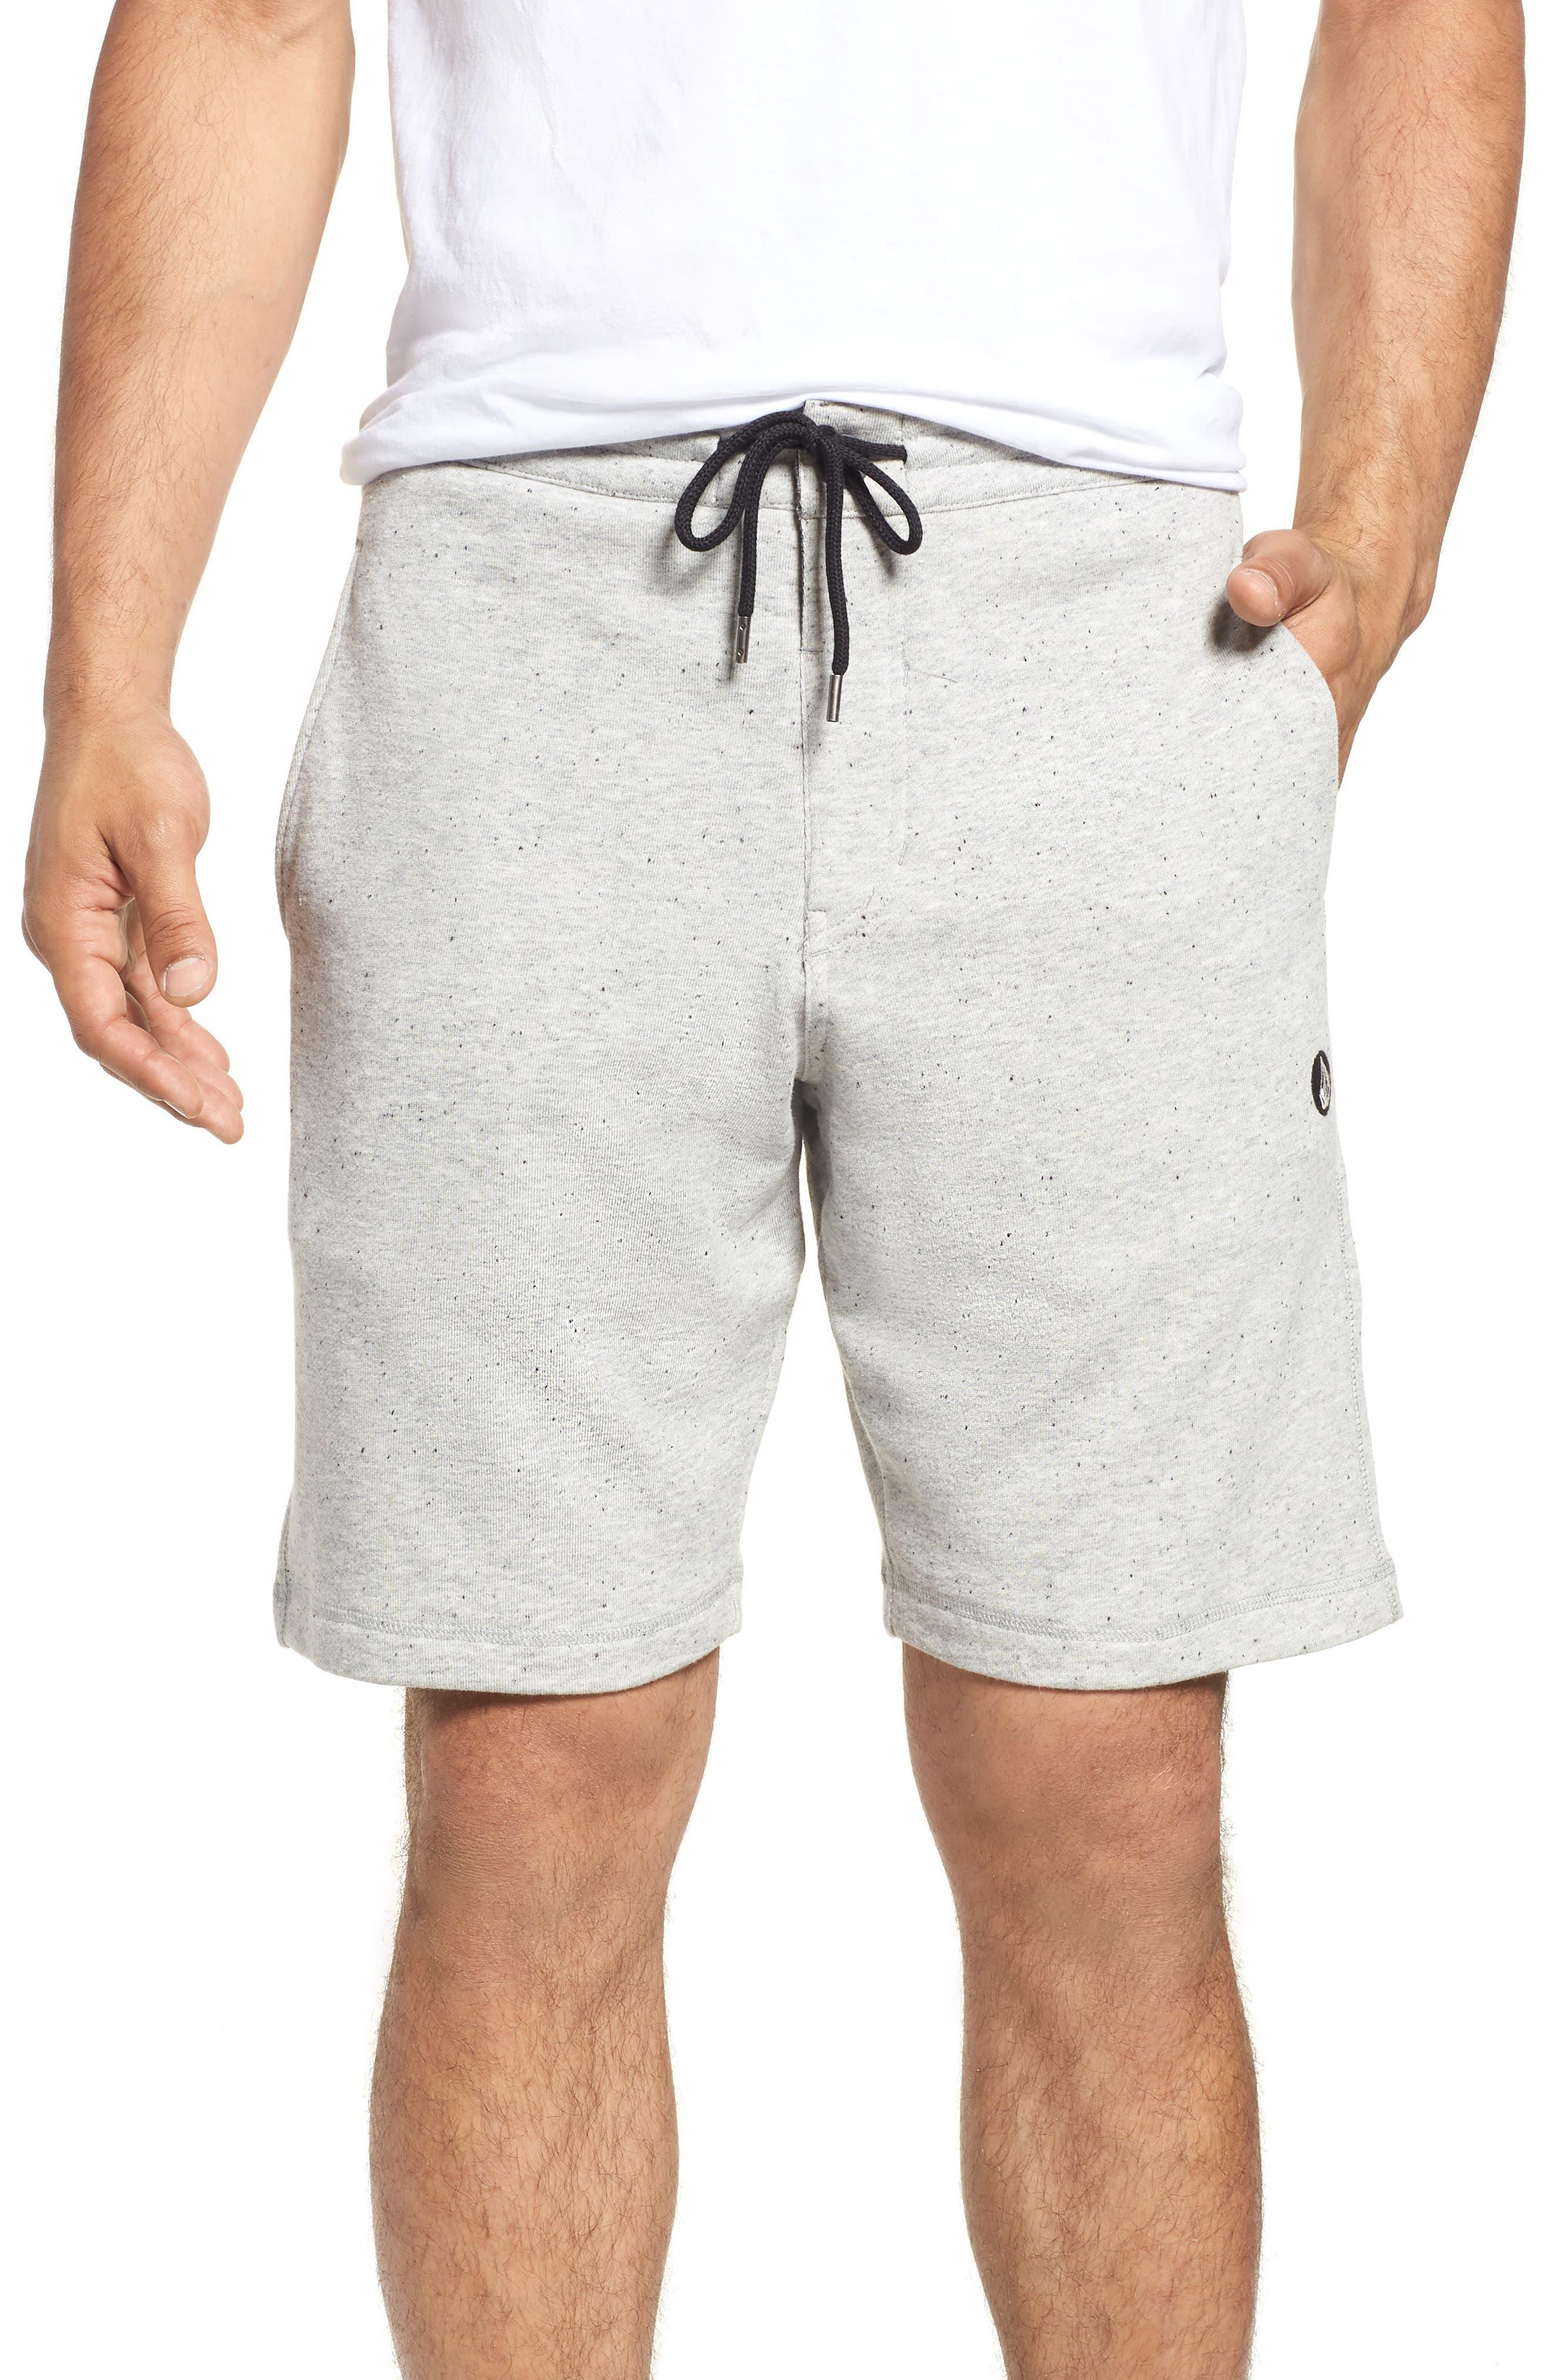 Chiller Shorts,                             Main thumbnail 1, color,                             GREY